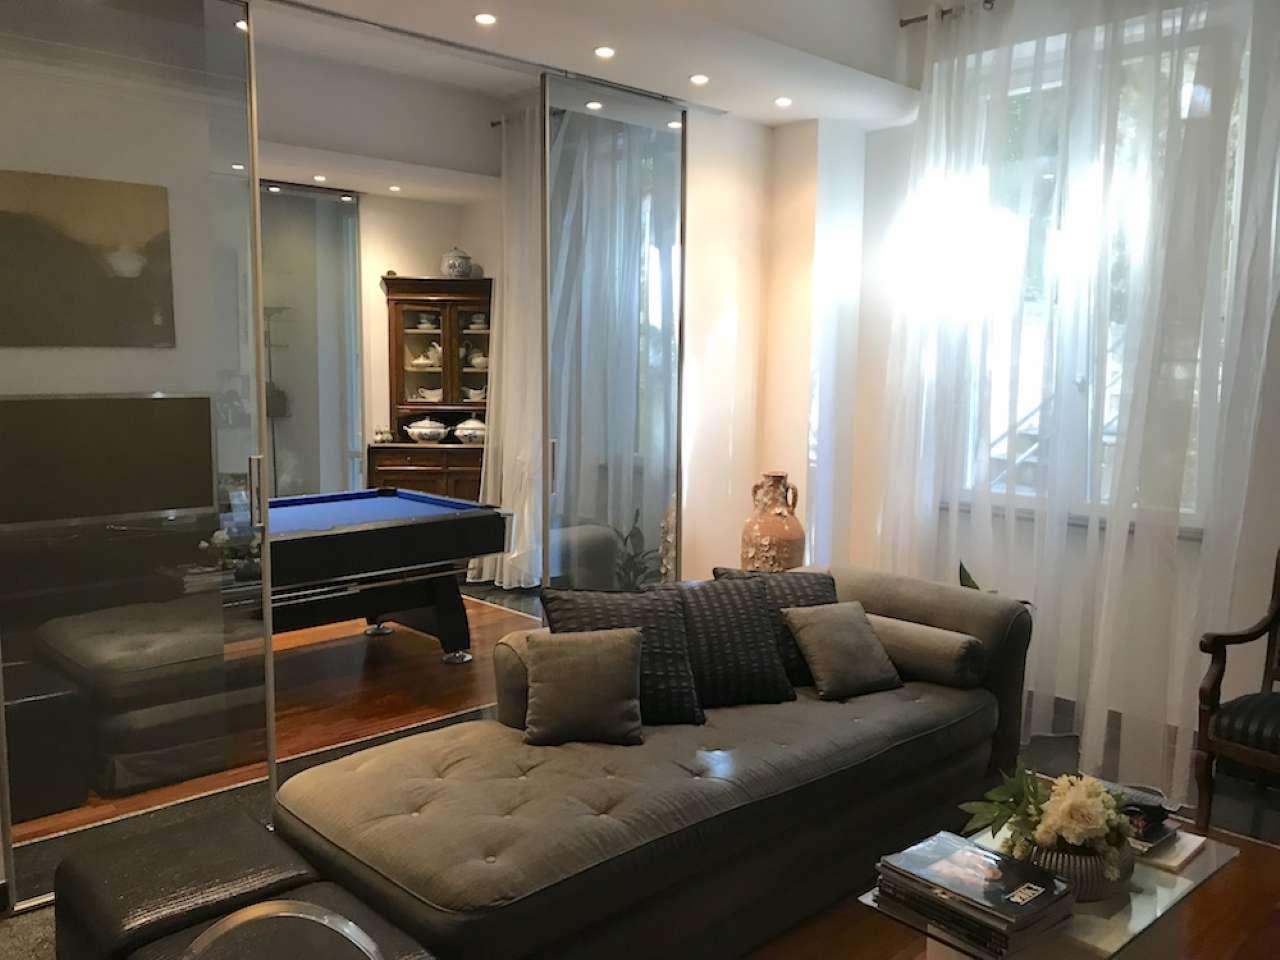 Appartamento in vendita a Genova, 6 locali, zona Zona: 1 . Centro, Centro Storico, prezzo € 390.000 | CambioCasa.it